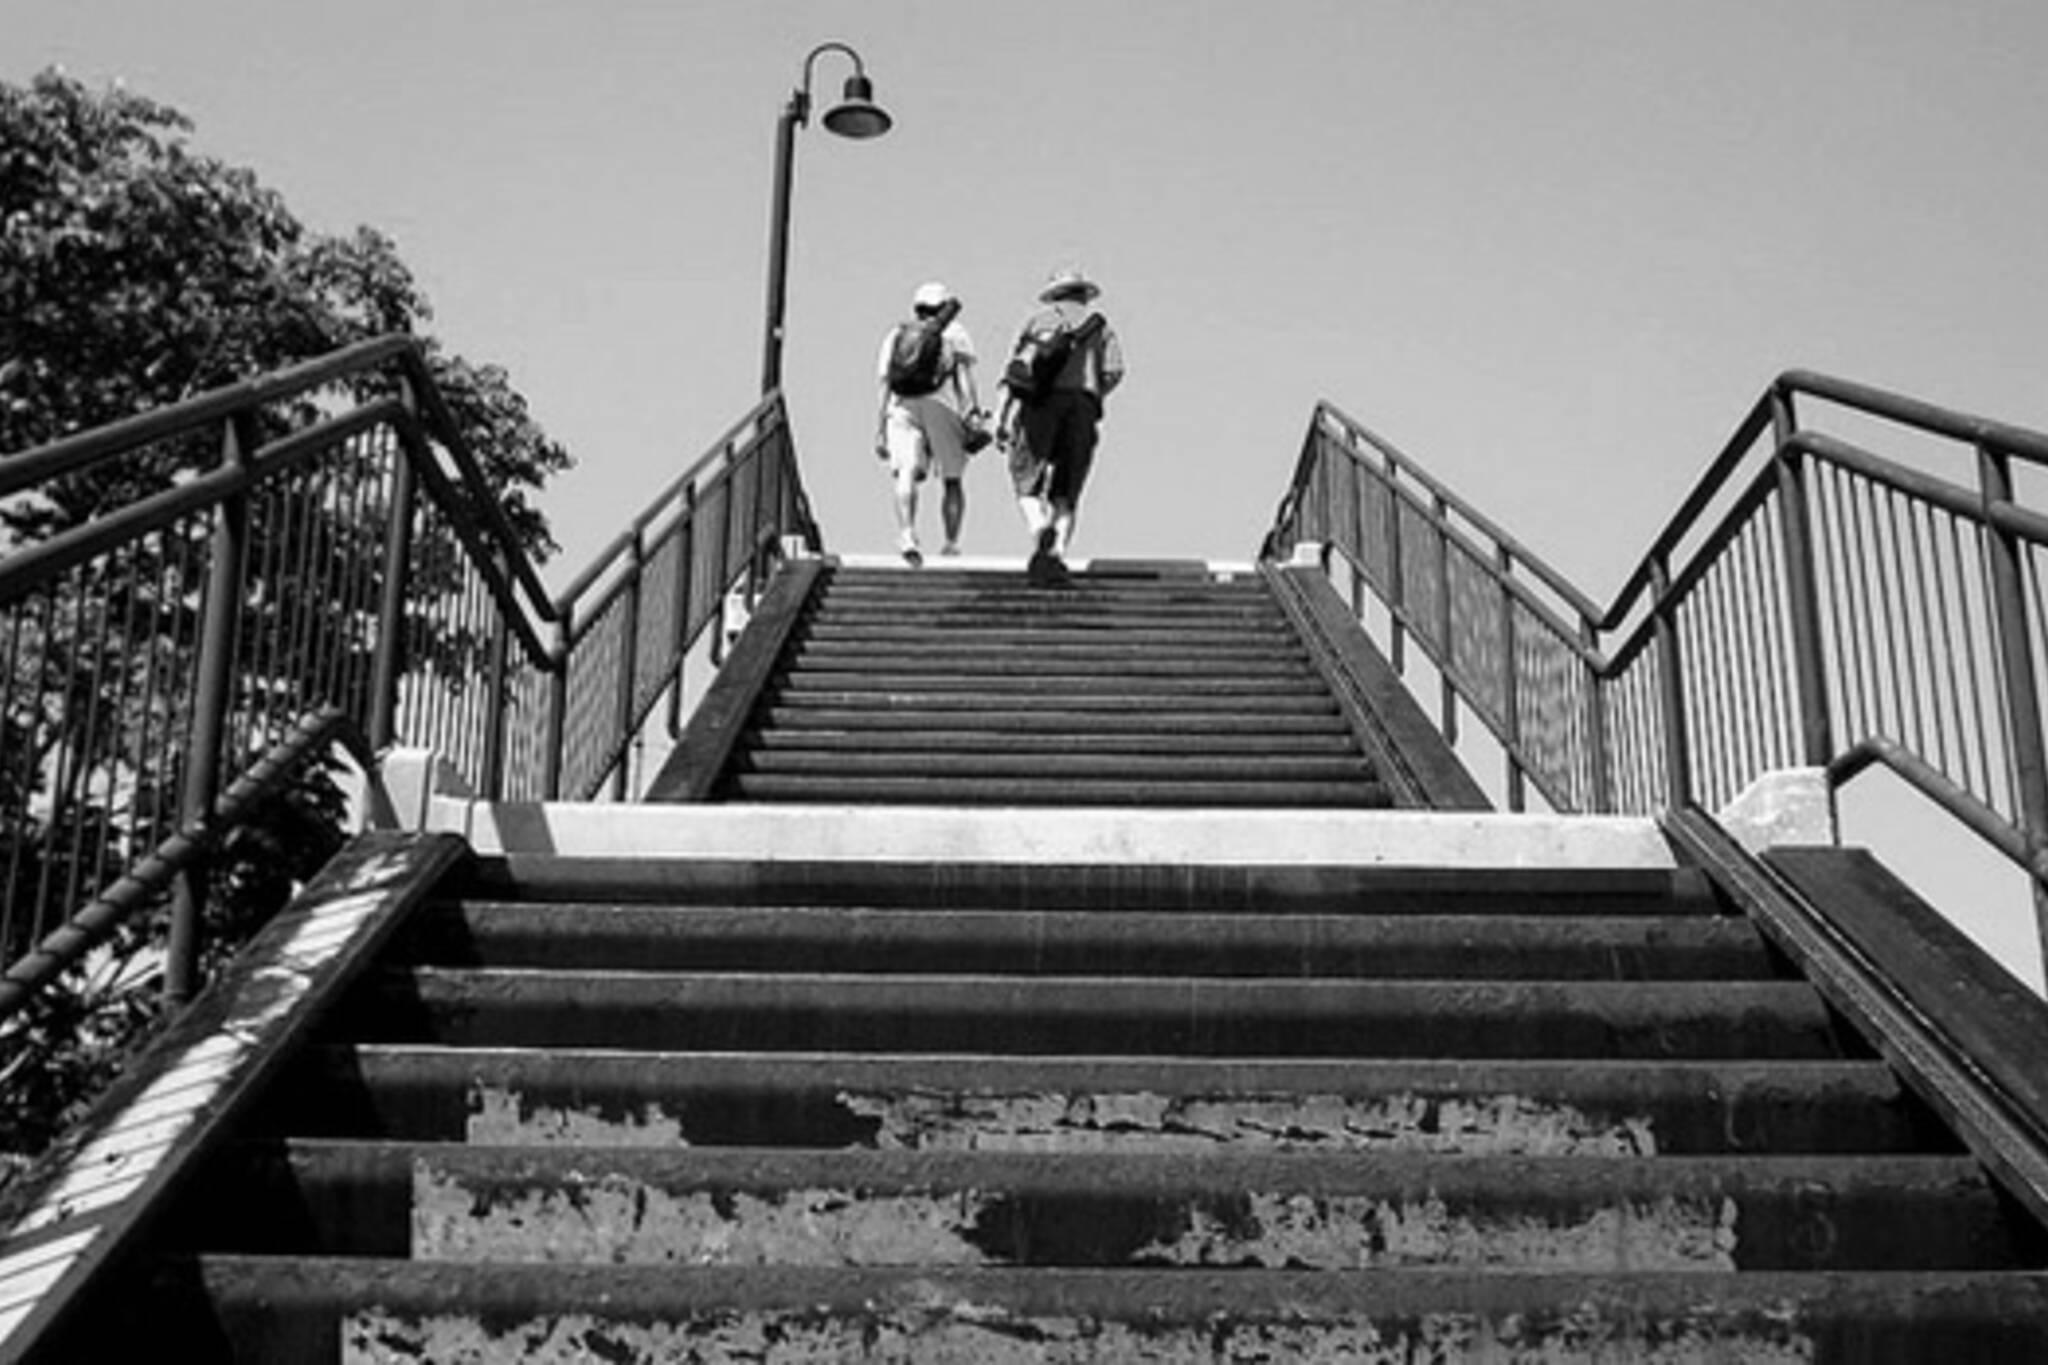 stairs, walk, bridge